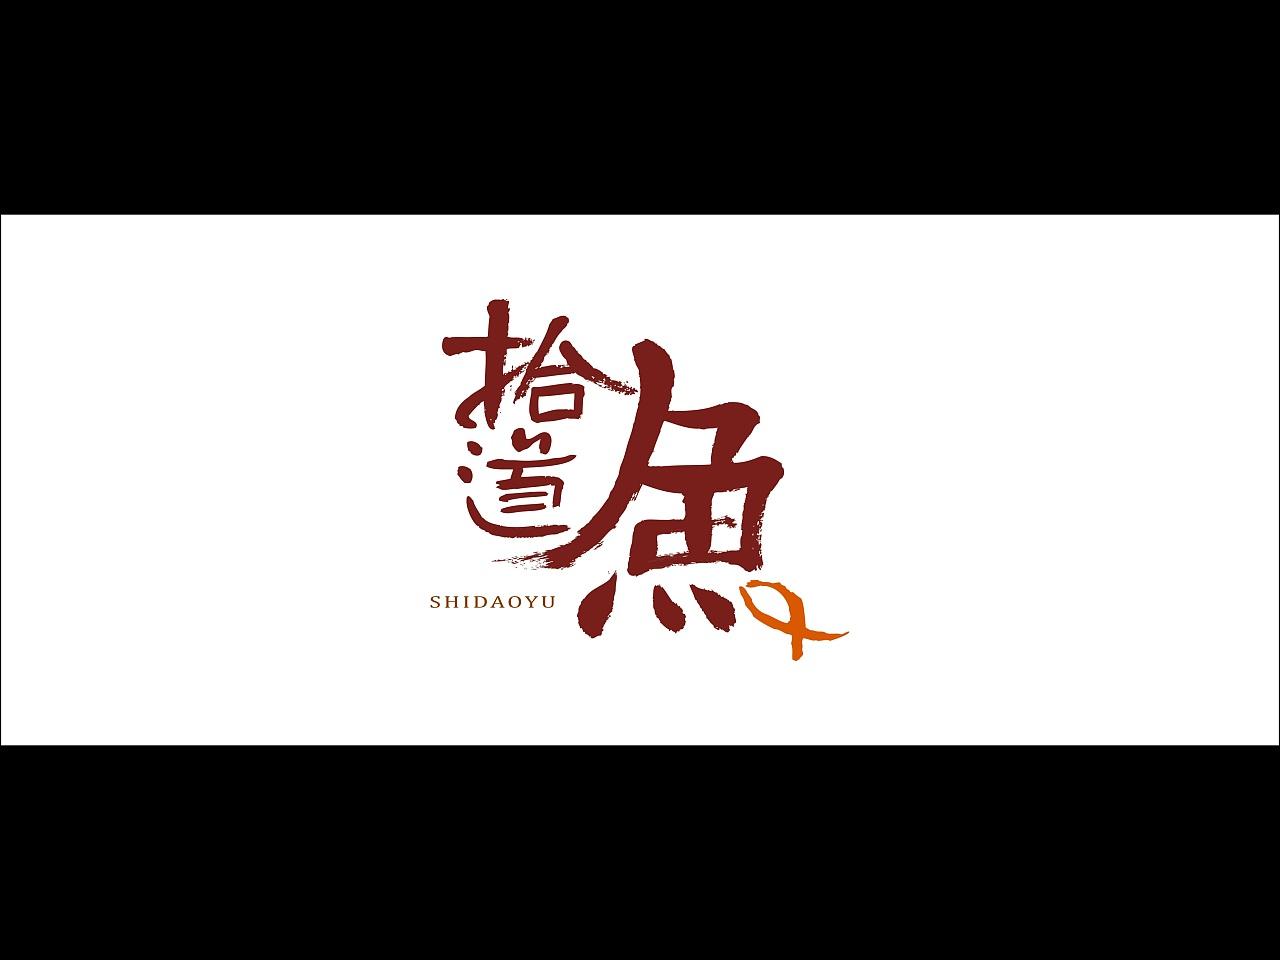 拾道鱼 渝菜 川菜 餐饮店标志 logo 川菜logo图片